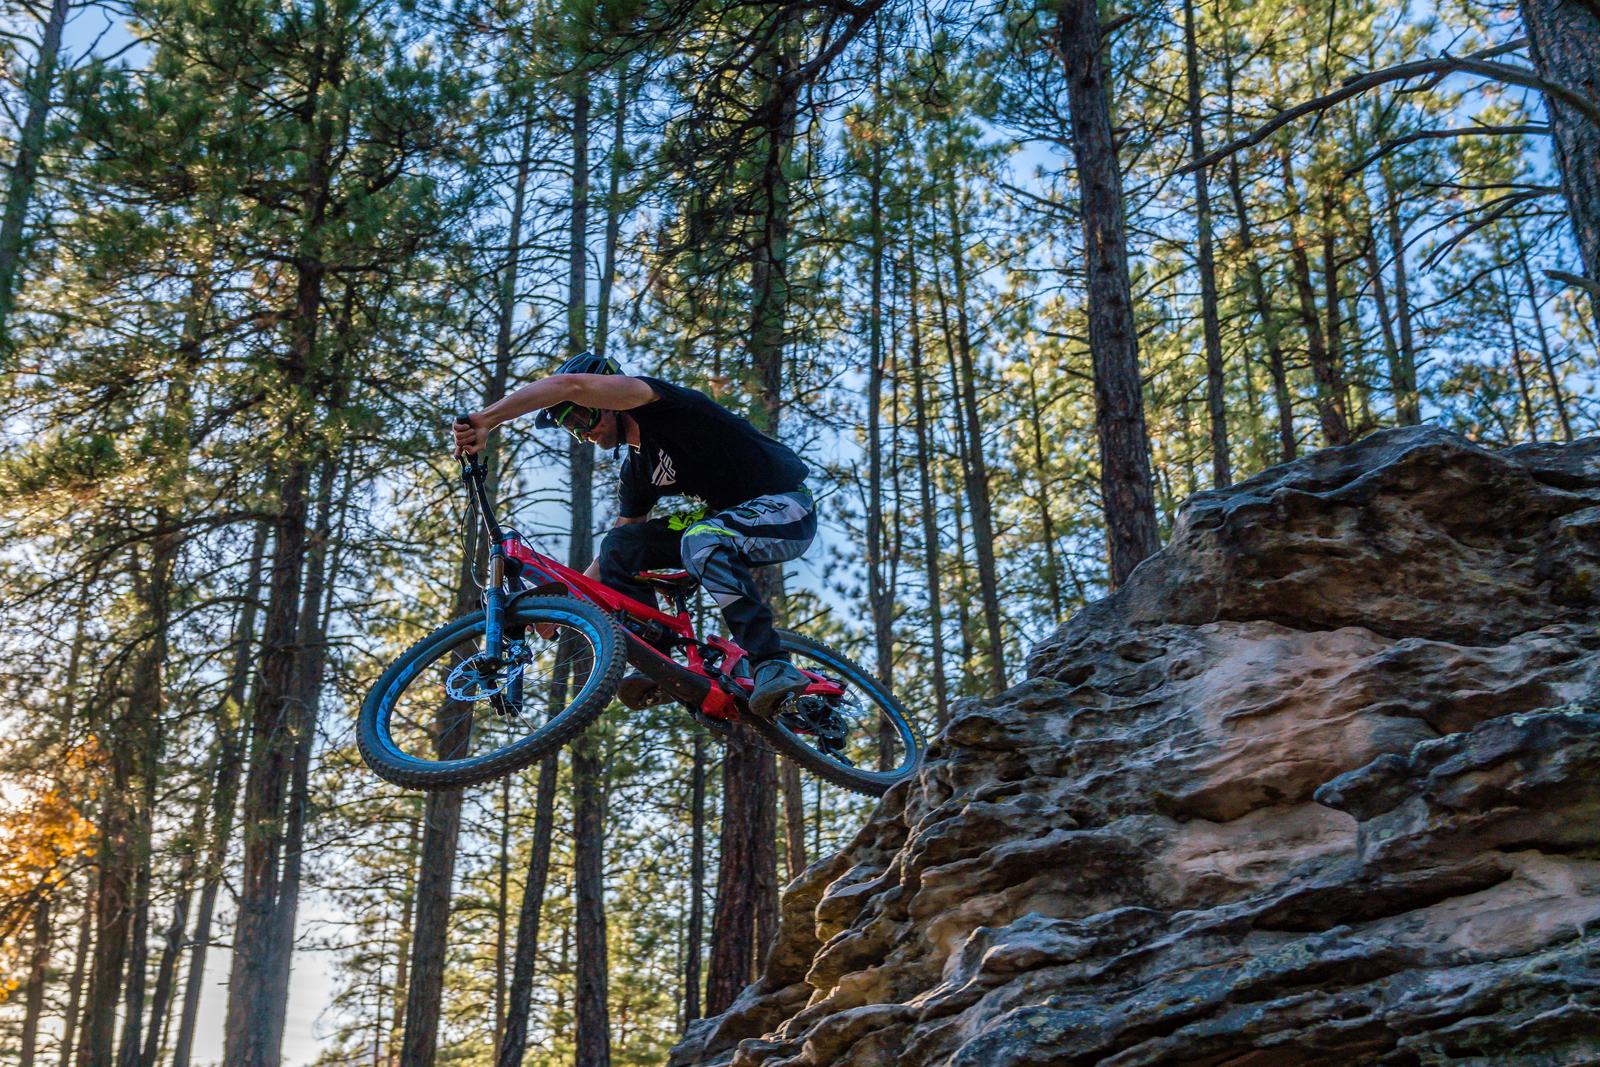 Adam Snyder rides a small Pivot Firebird